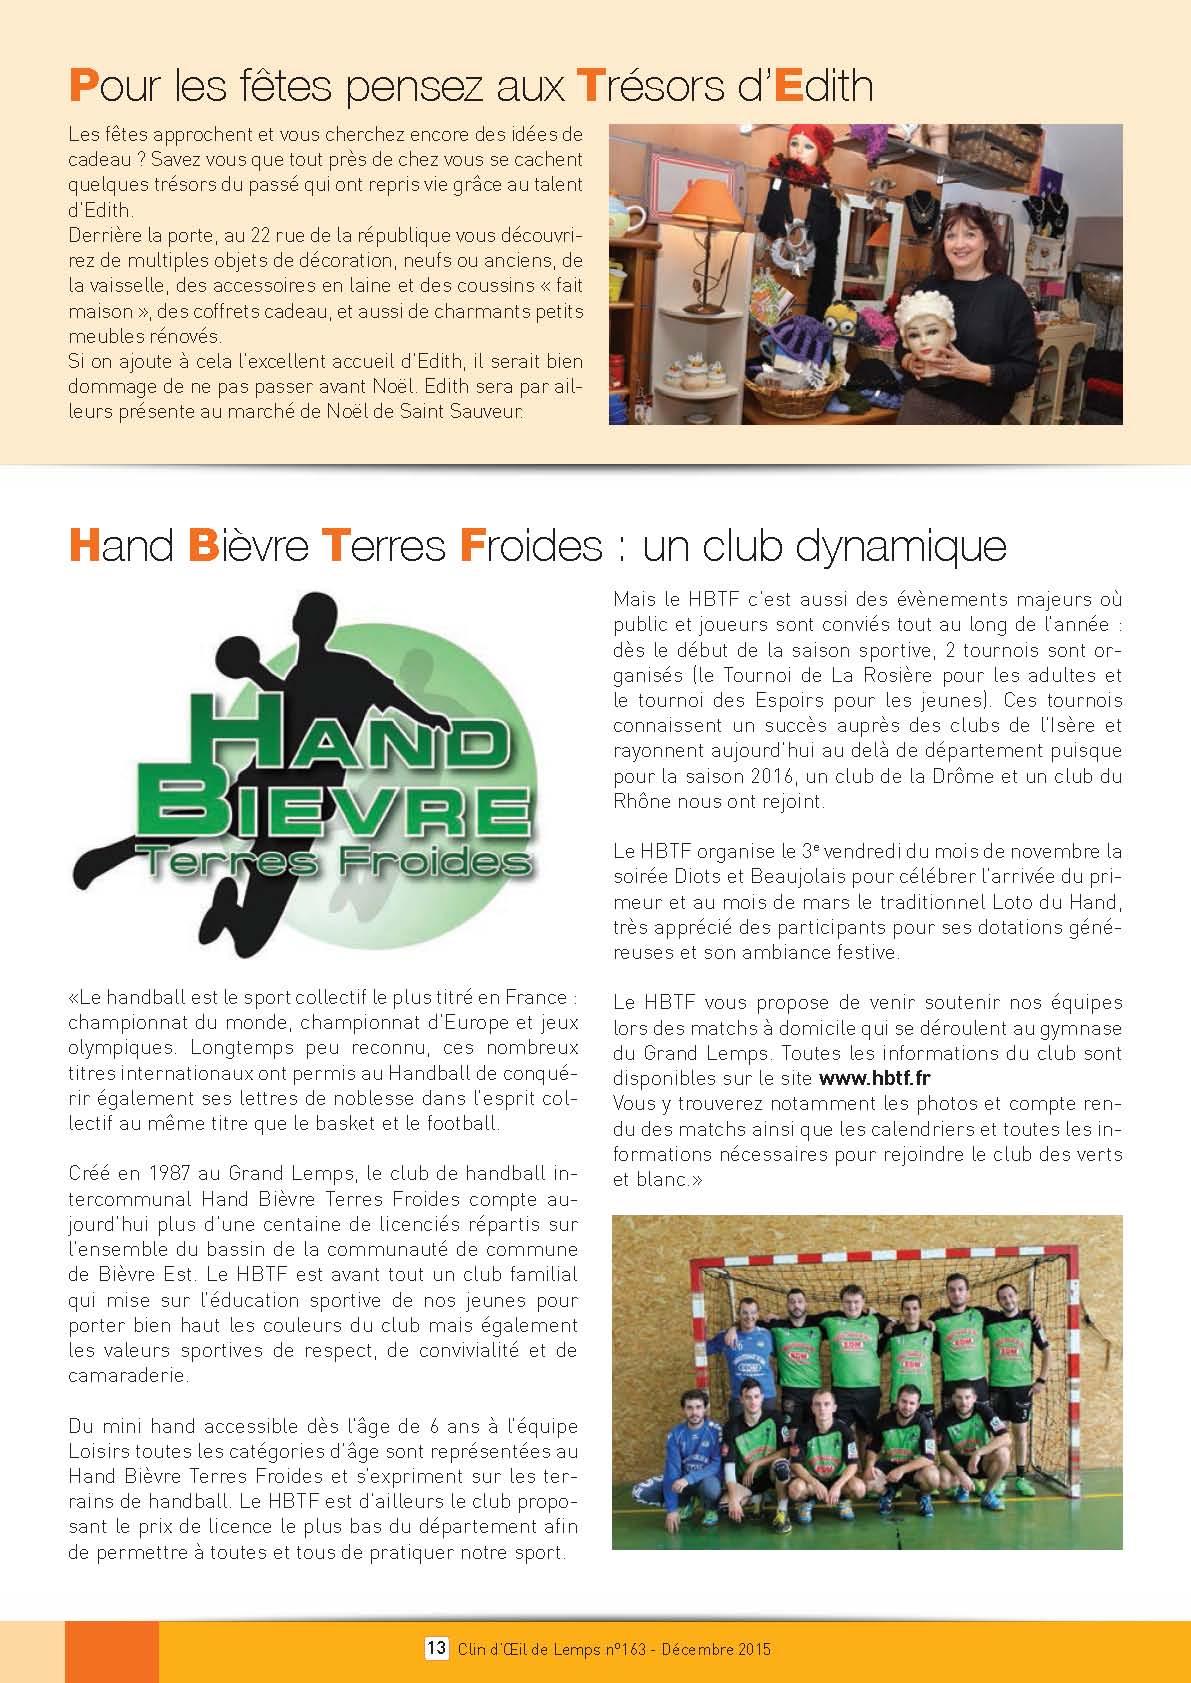 Le HBTF dans le clin d'oeil de Lemps - Hand Bievre Terres Froides - Club de Handball en Isère